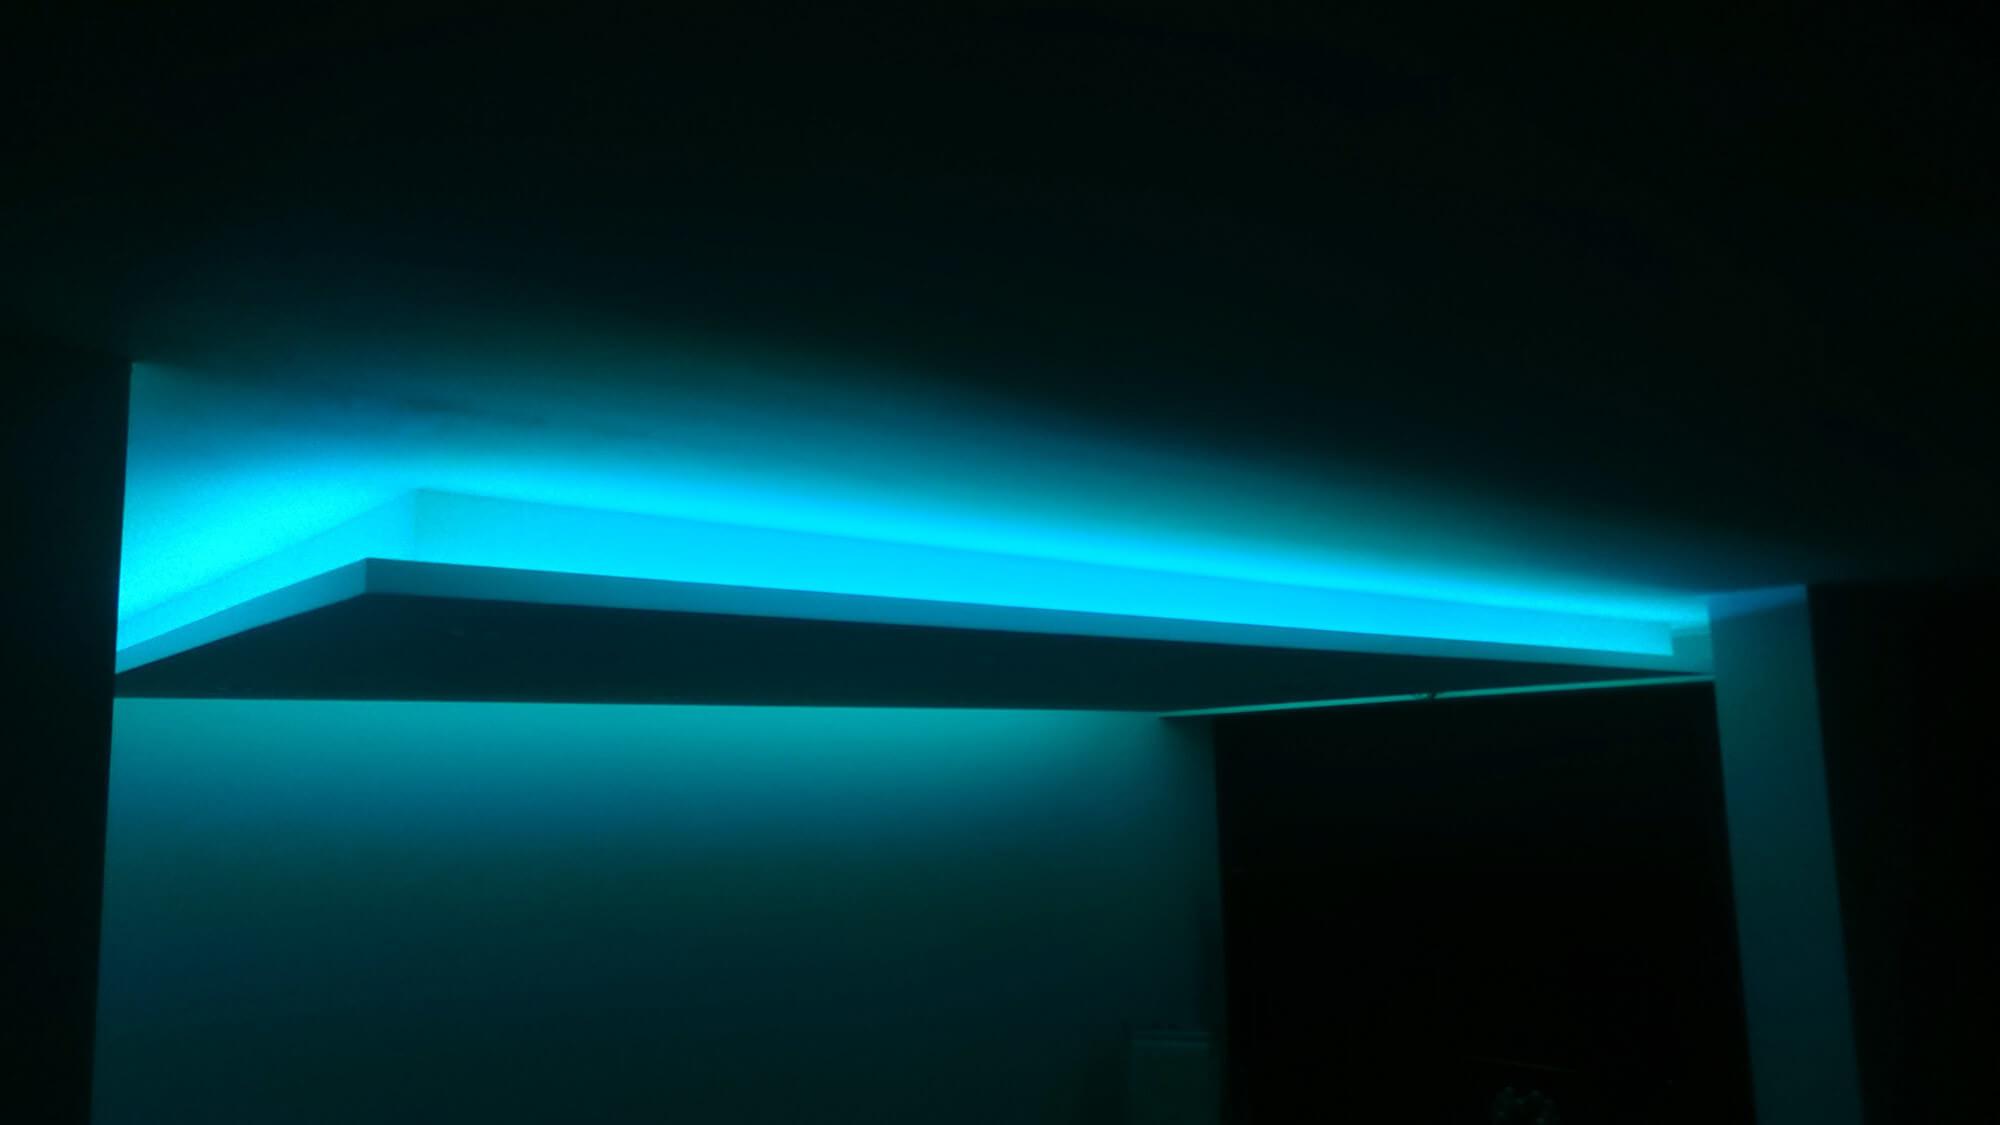 Abgehngte Decke mit indirekter Beleuchtung Lichtvouten